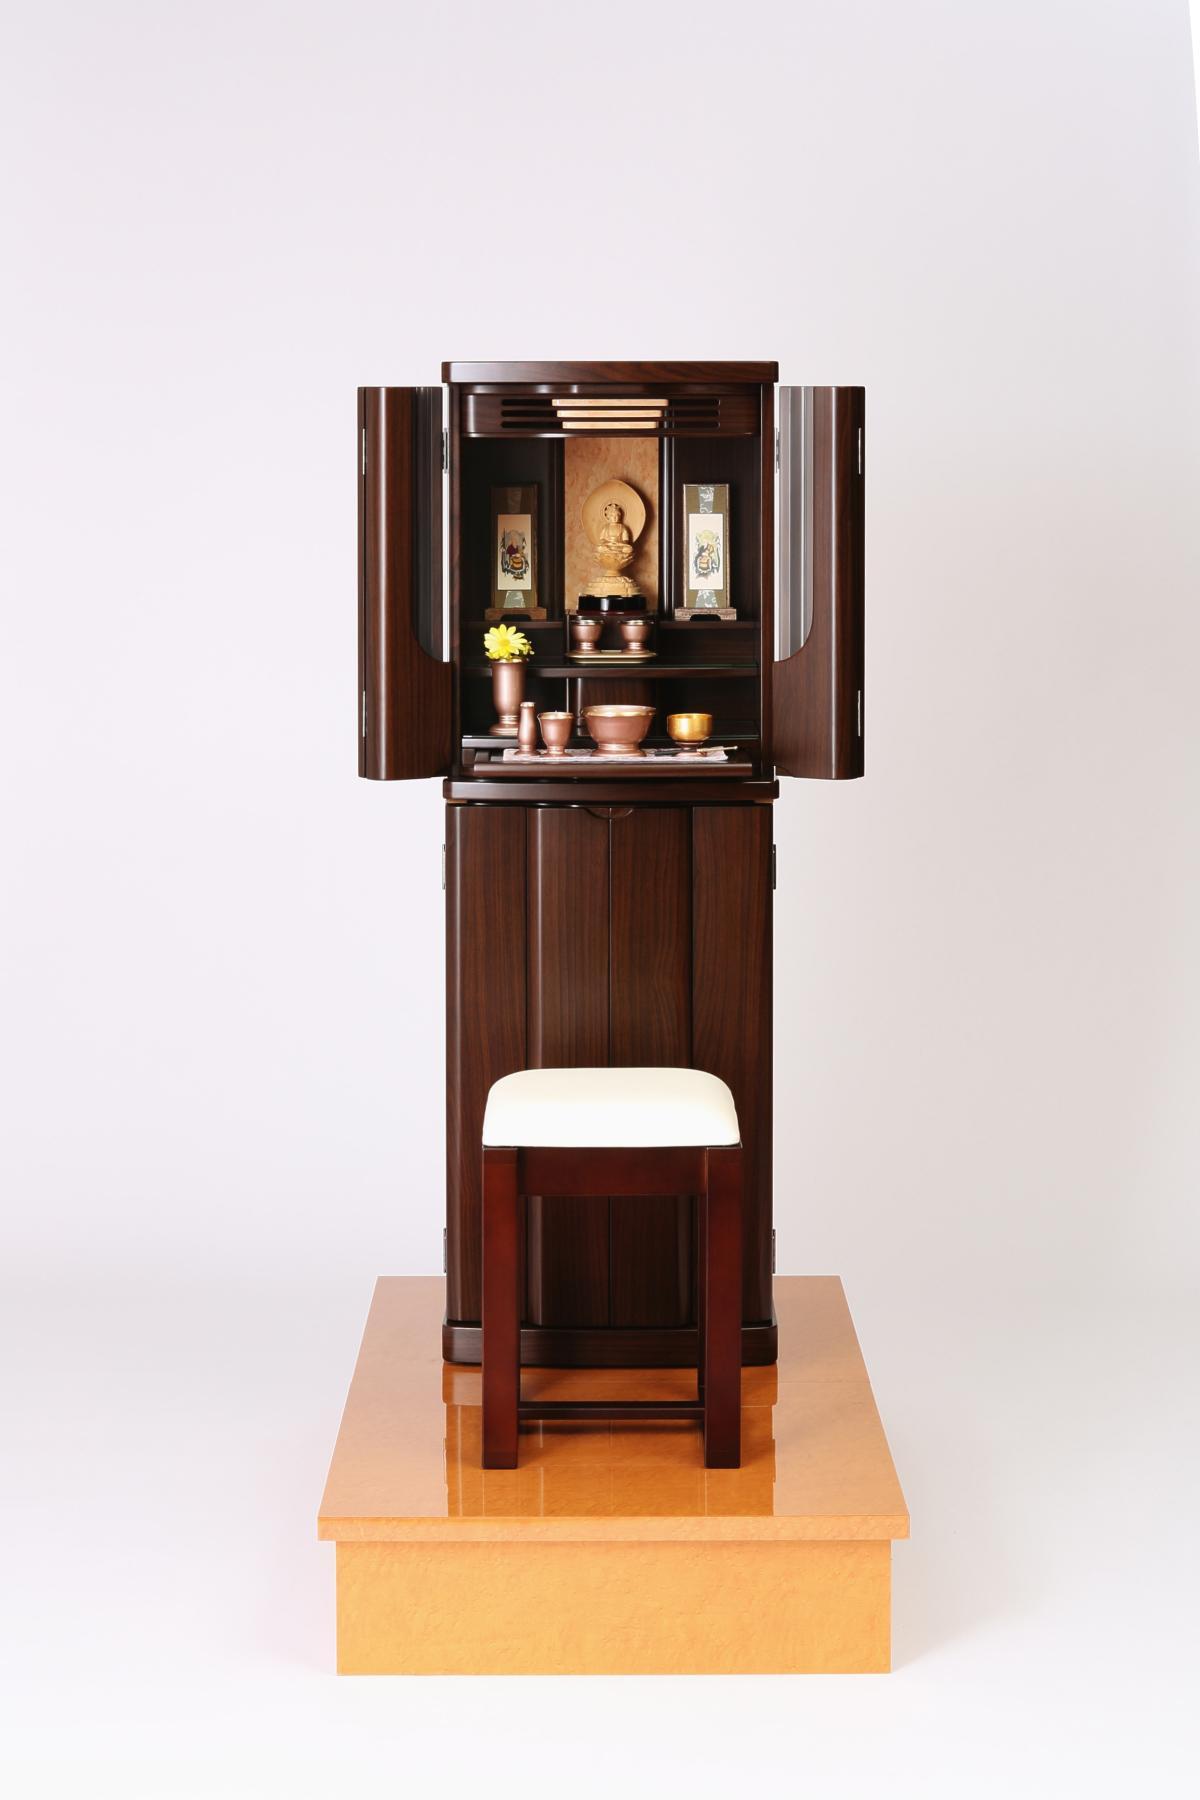 お仏壇。正座しなくていい、椅子に座ったままお参りできる。椅子がセット。